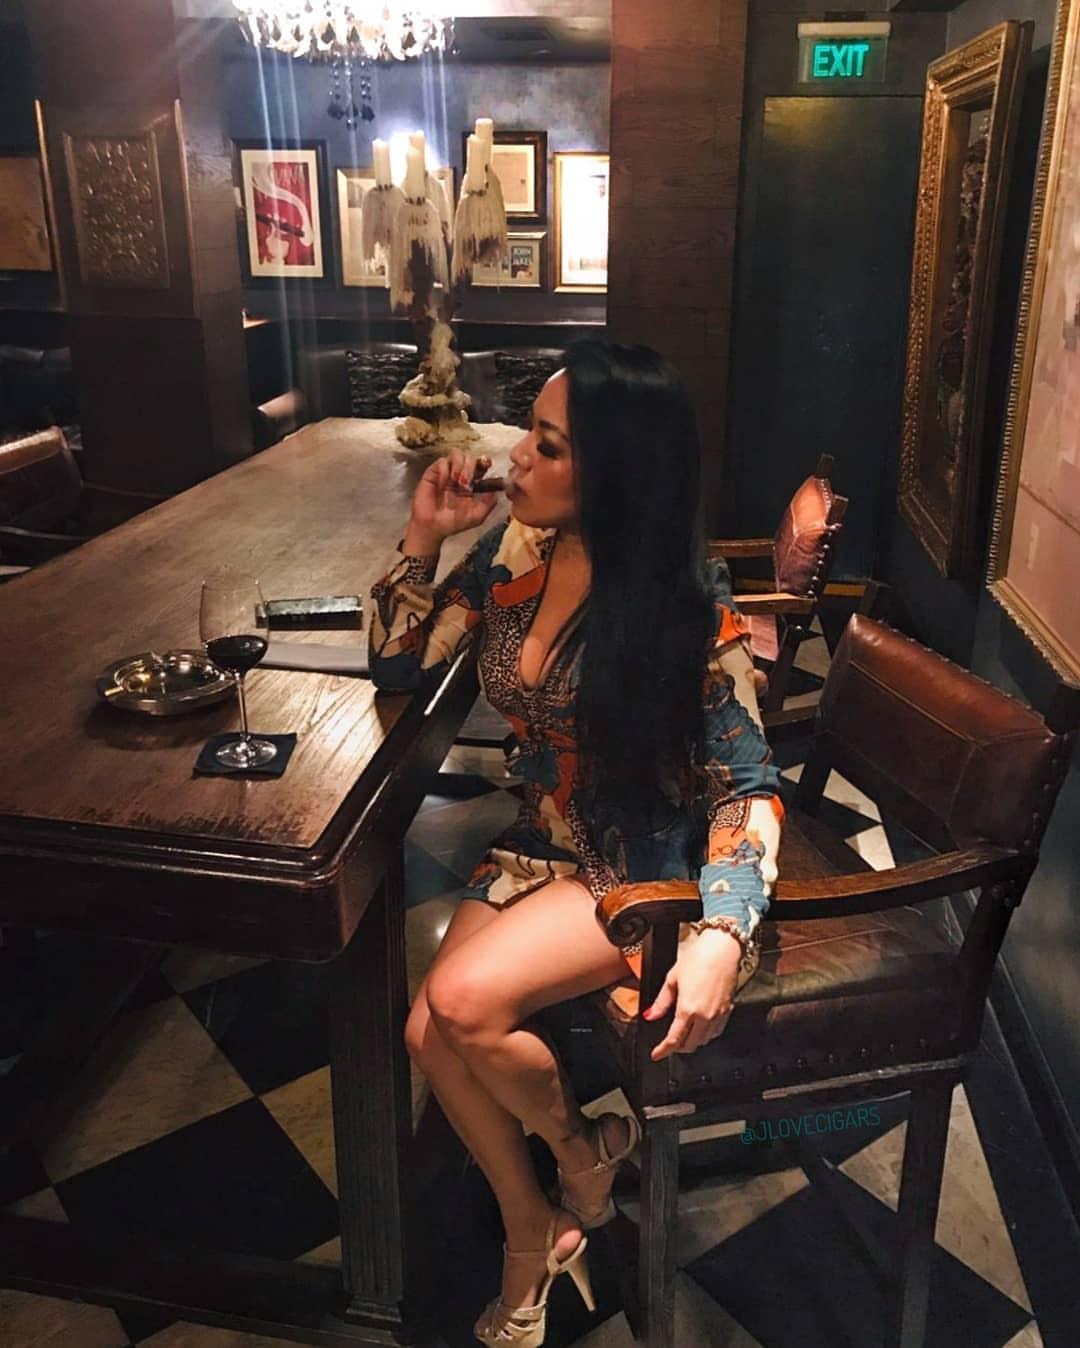 joana_gonzales_aka_jlovecigars_my_cigar_lady_8.jpg